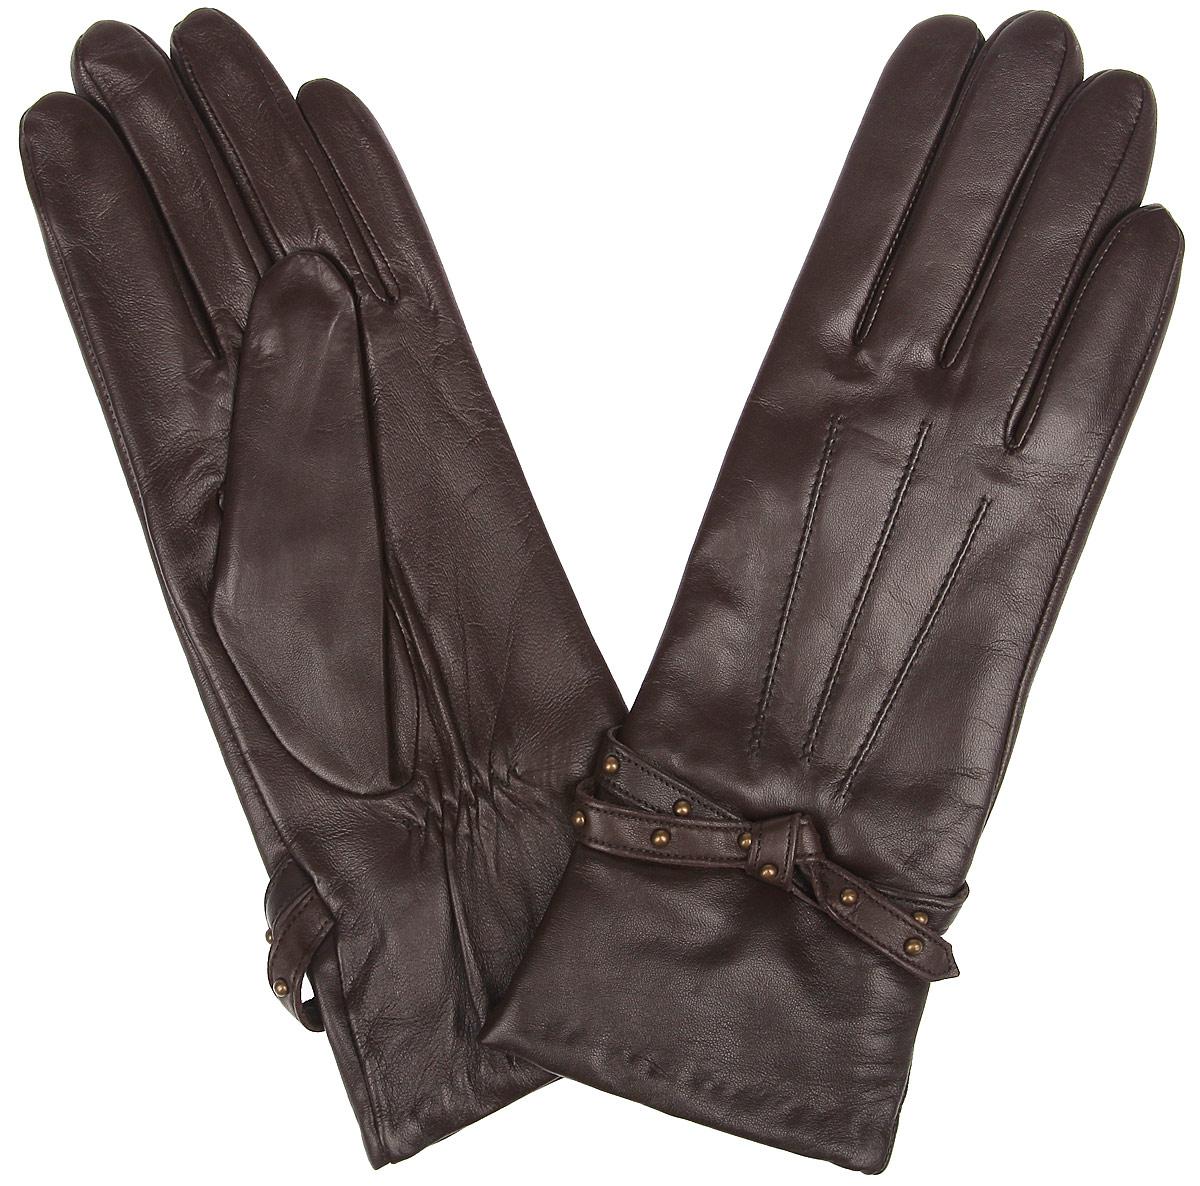 Перчатки женские Fabretti, цвет: темно-коричневый. 12.13-2. Размер 712.13-2 chocolatЖенские перчатки Fabretti не только защитят ваши руки от холода, но и станут стильным украшением. Перчатки выполнены из натуральной кожи. Они мягкие, максимально сохраняют тепло, идеально сидят на руке. Подкладка изделия изготовлена из шерсти с добавлением кашемира.Лицевая часть модели обработана машинной отстрочкой - три луча и украшена кожаным ремешком с металлическими клепками. Перчатки являются неотъемлемой принадлежностью одежды, они идеально подойдут к романтичному образу.